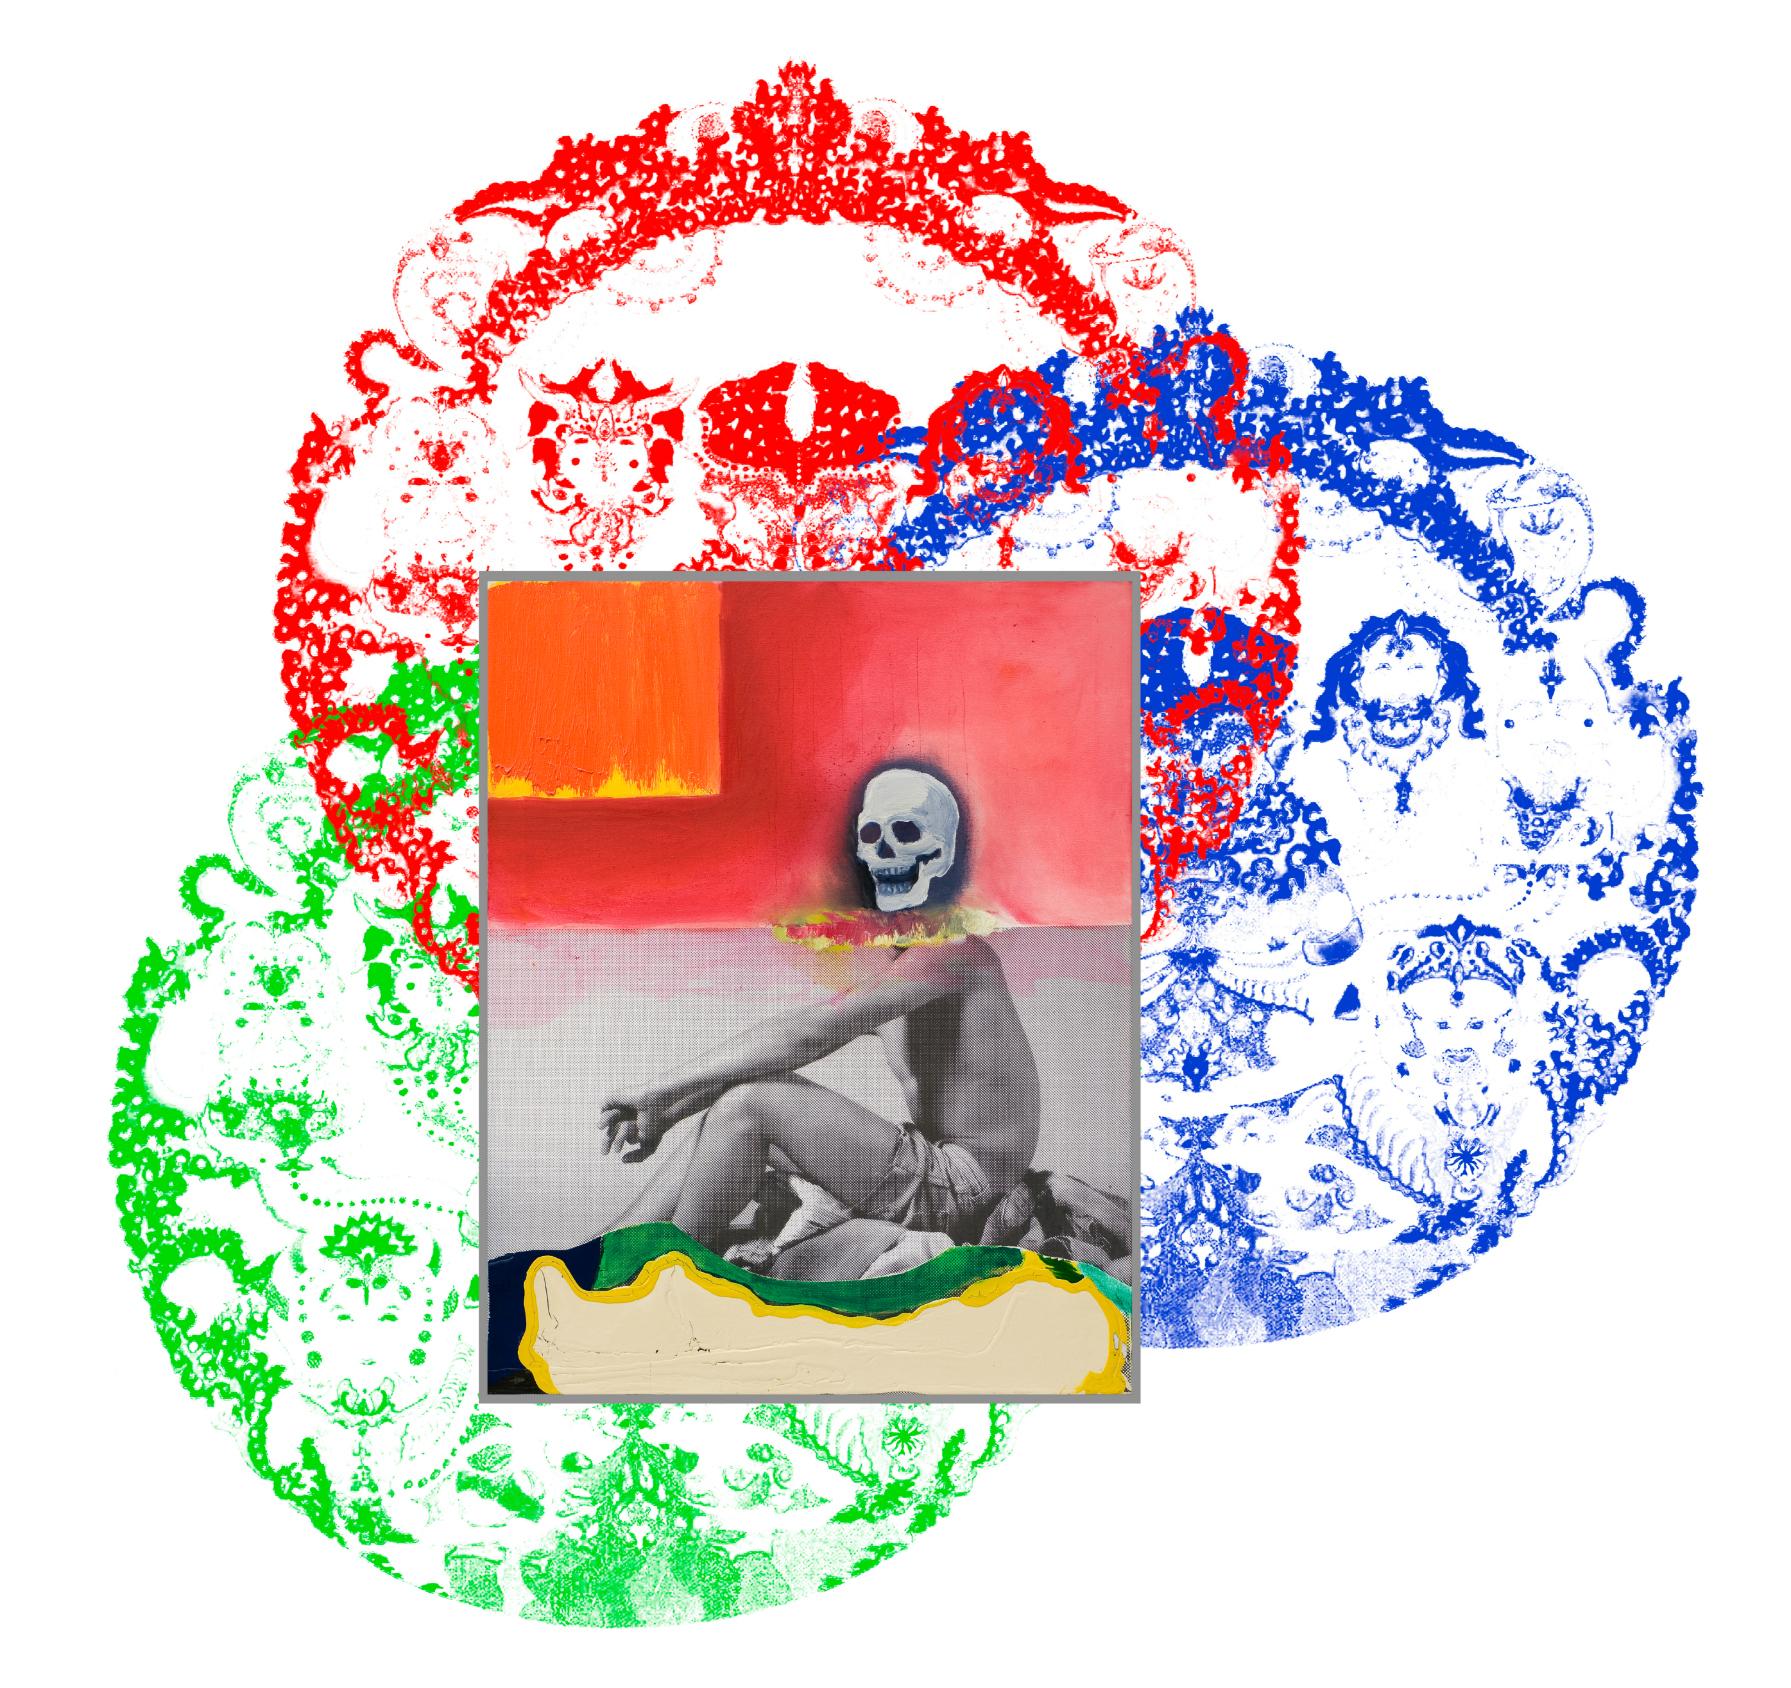 Klaus KILLISCH: Halott őrültek, egyesüljetek! 2015, kollázs, olaj, vászon, fotótapéta, 200 × 200 cm, a művész jóvoltából. Fotó: Magnetberg, Berlin